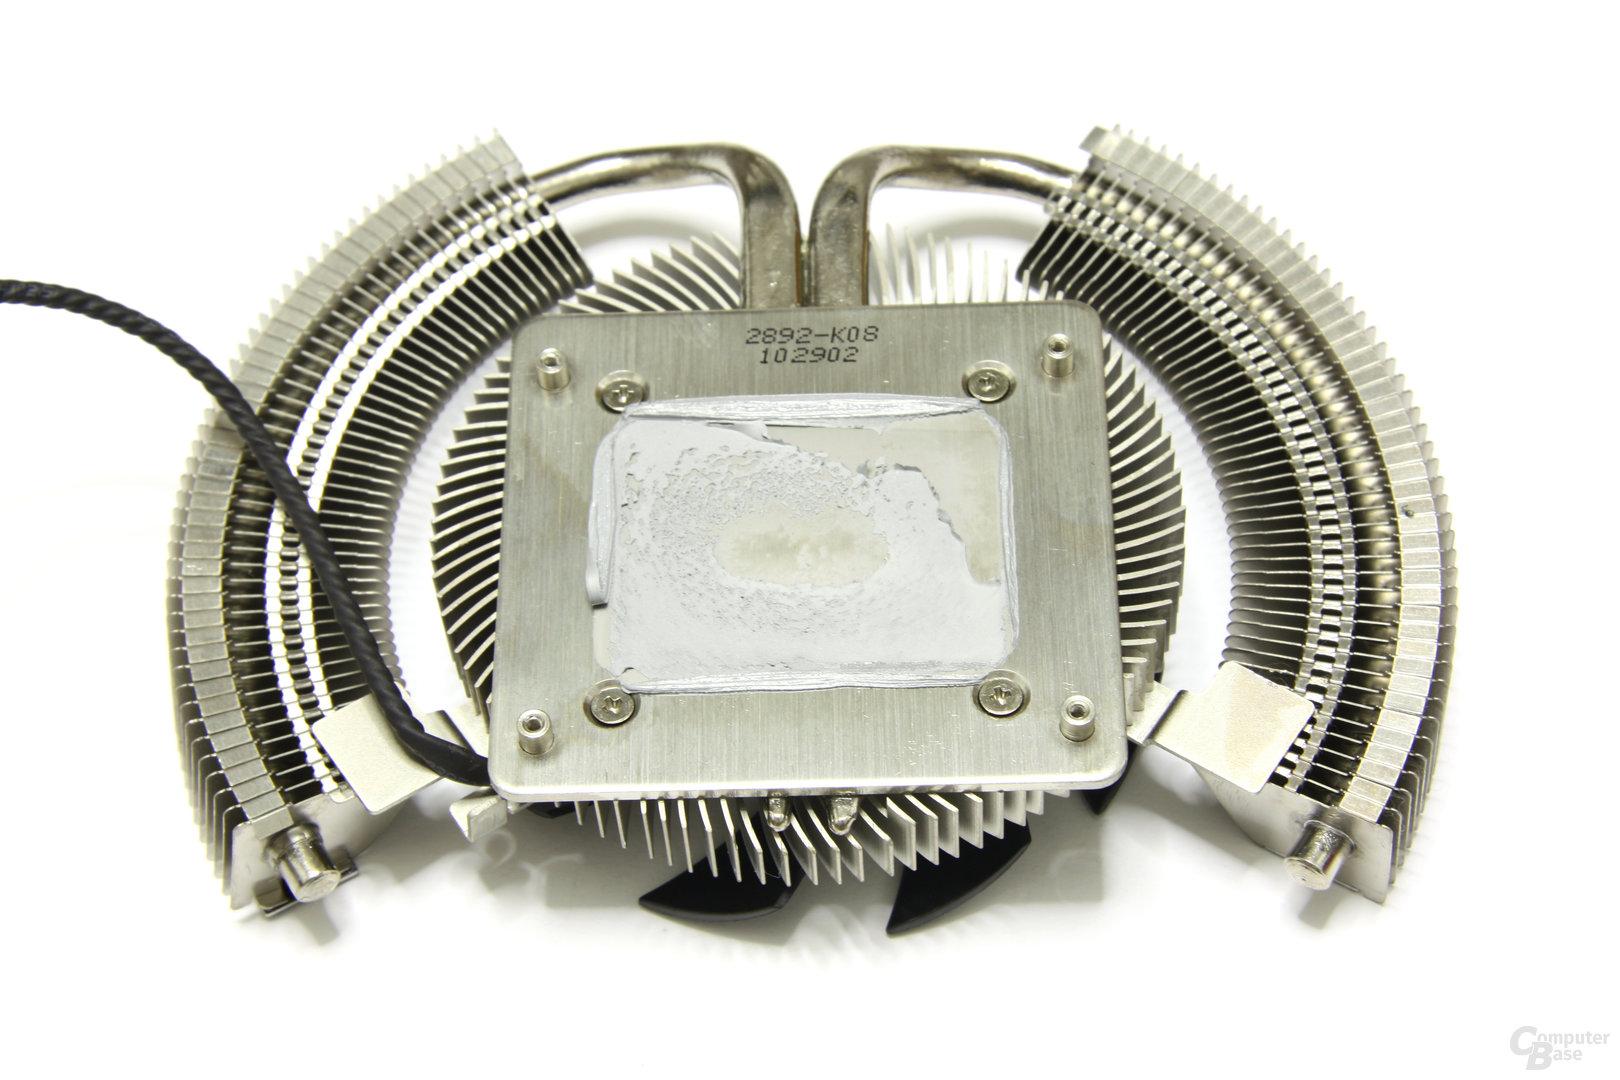 GeForce GTX 460 Cyclone OC Kühlerrückseite